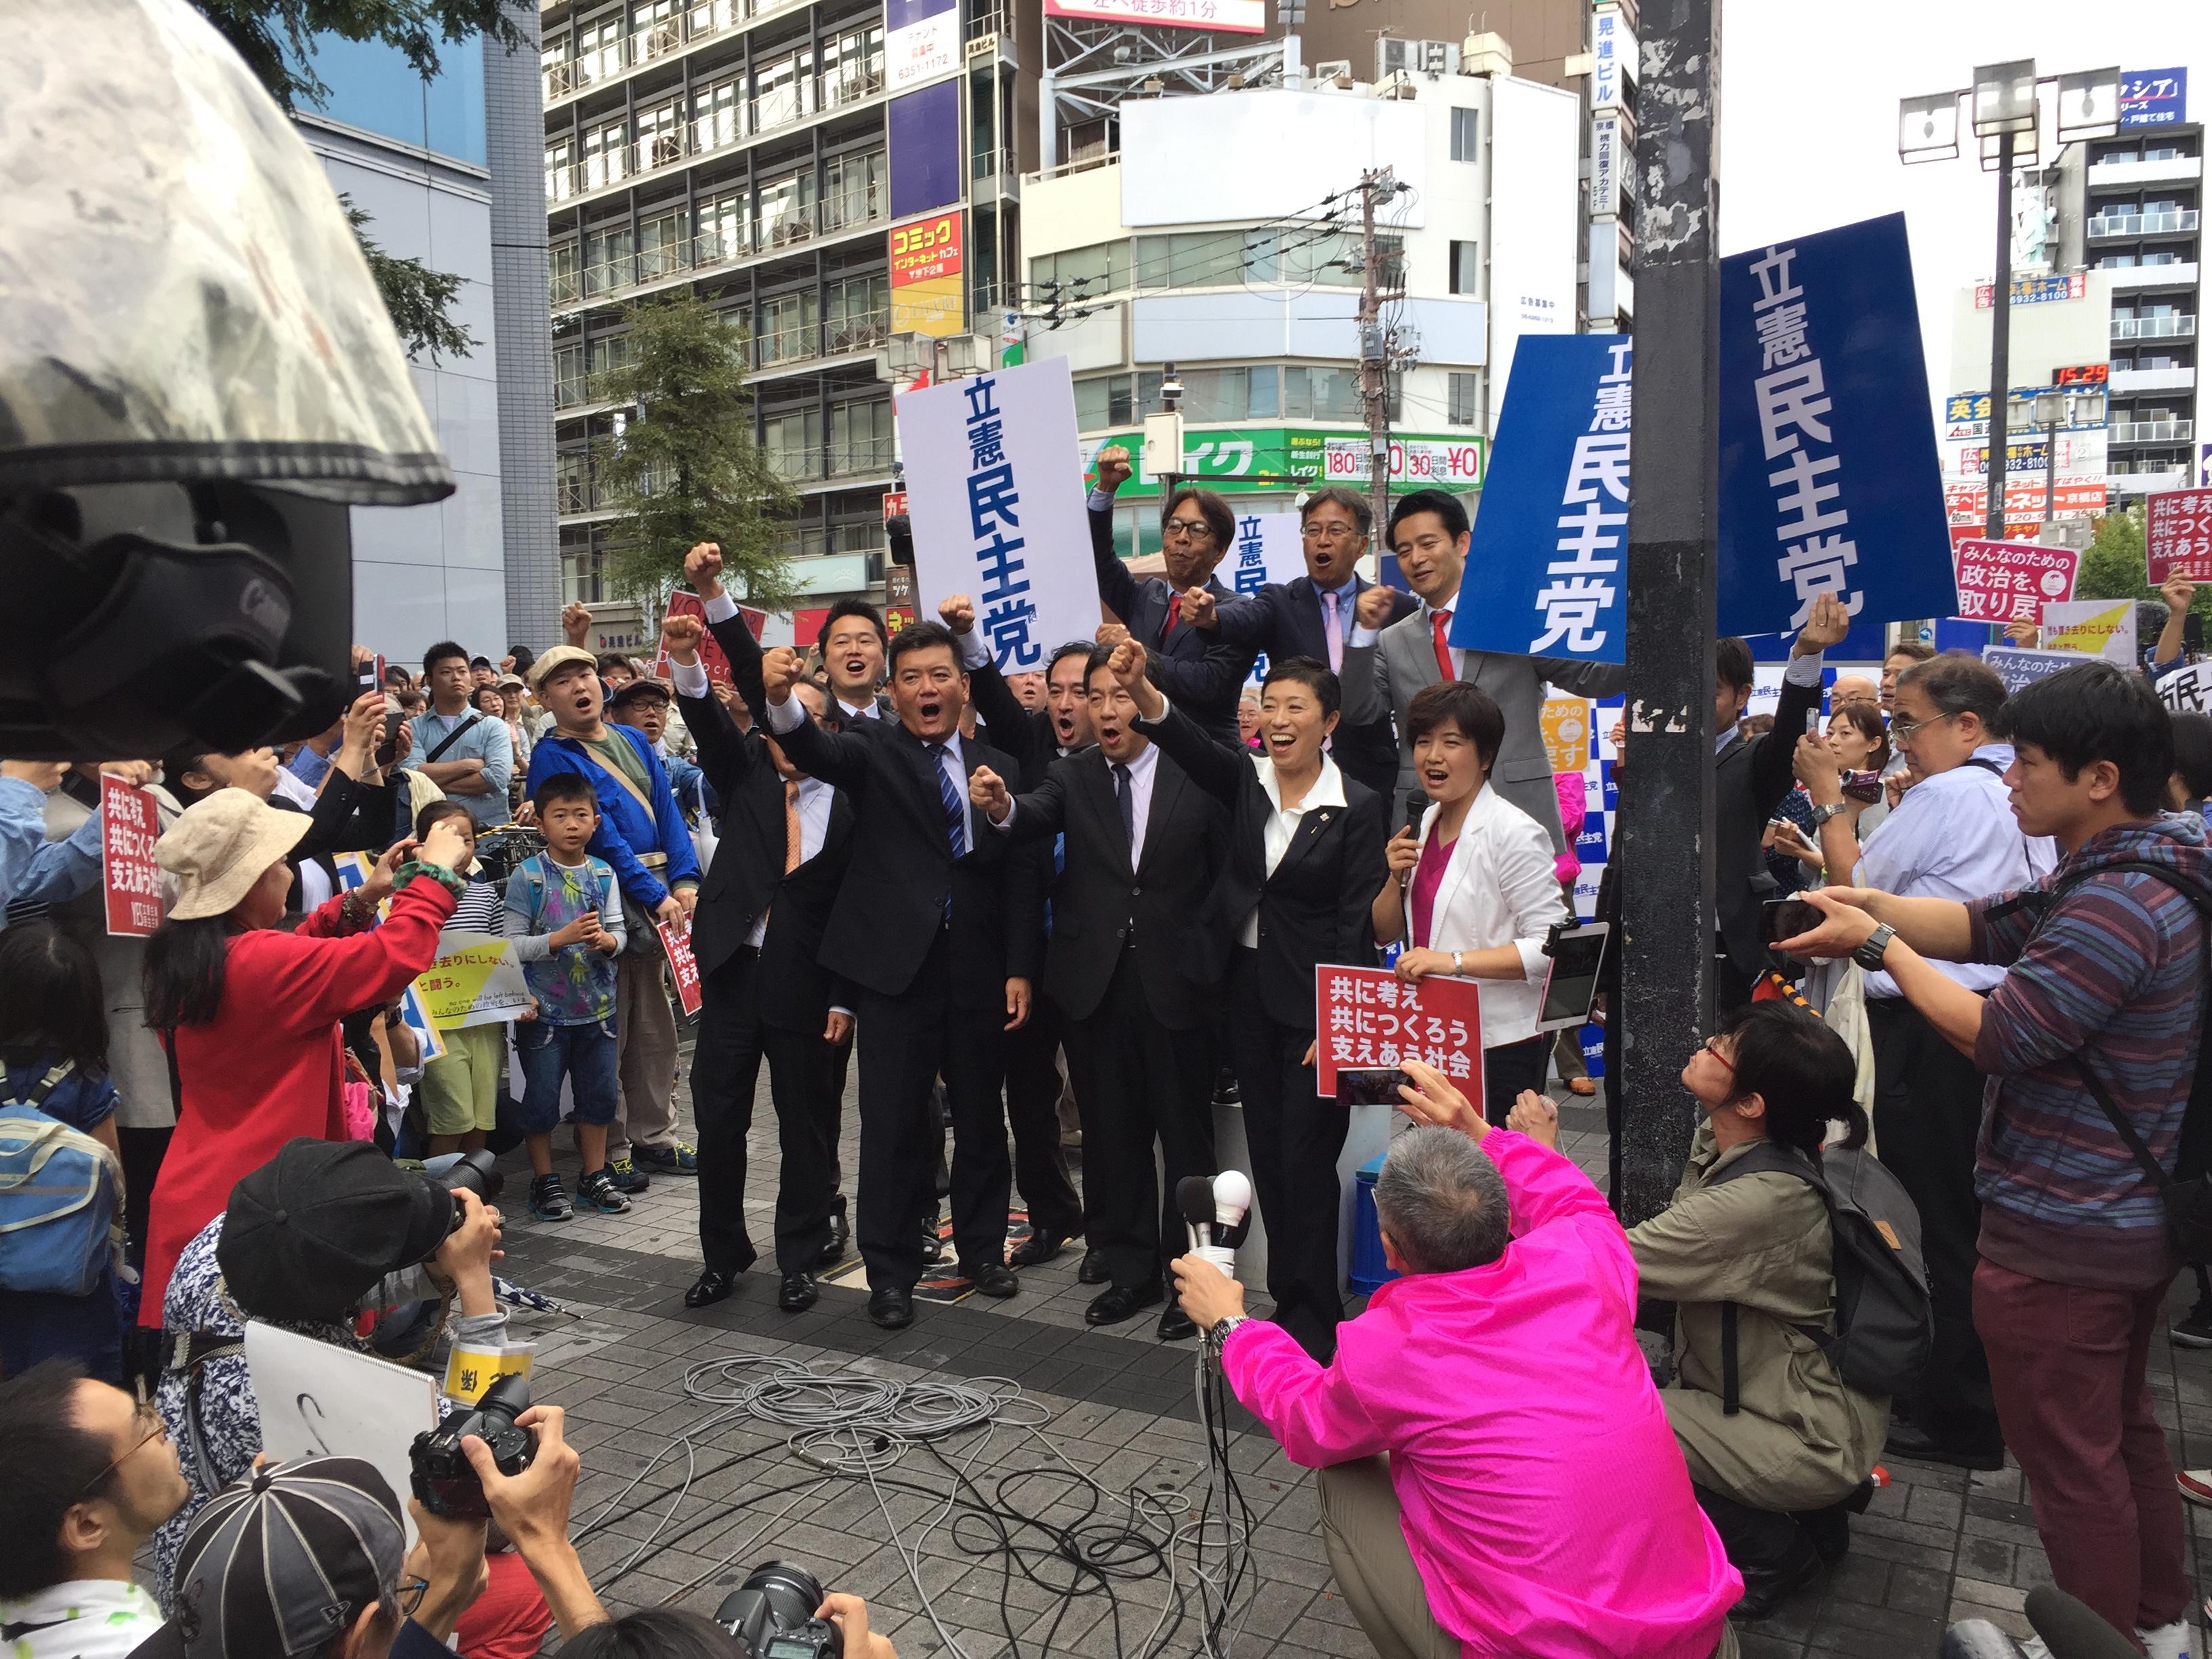 立憲民主党・枝野幸男代表の大阪初街宣。尾辻かな子、辻元清美らも参加